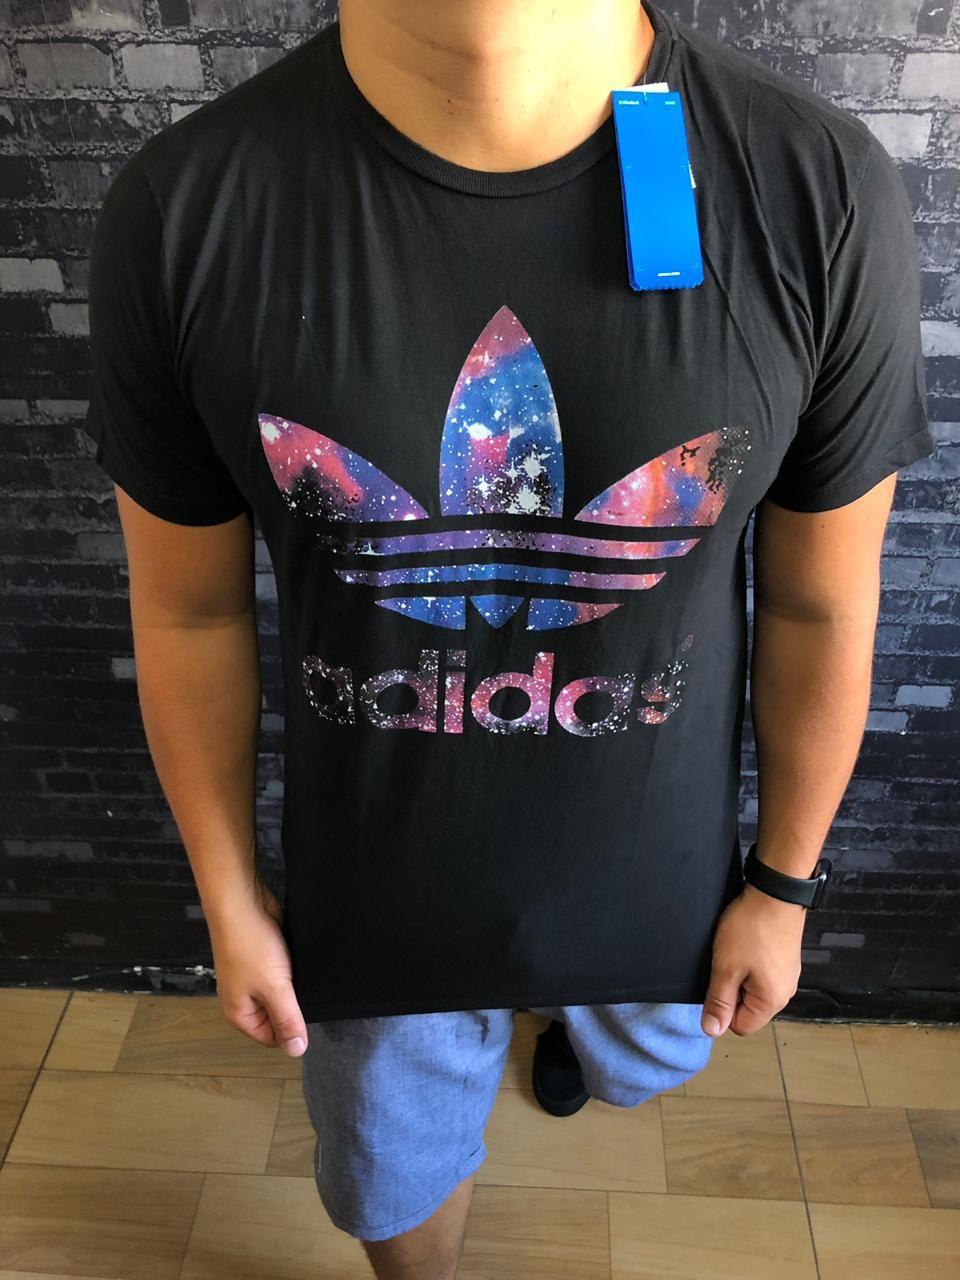 68cff6f090 kit 10 Camisetas Camisas Masculinas Marcas Famosas ATACADO ? Nesse kit de  camisas masculinas atacado,